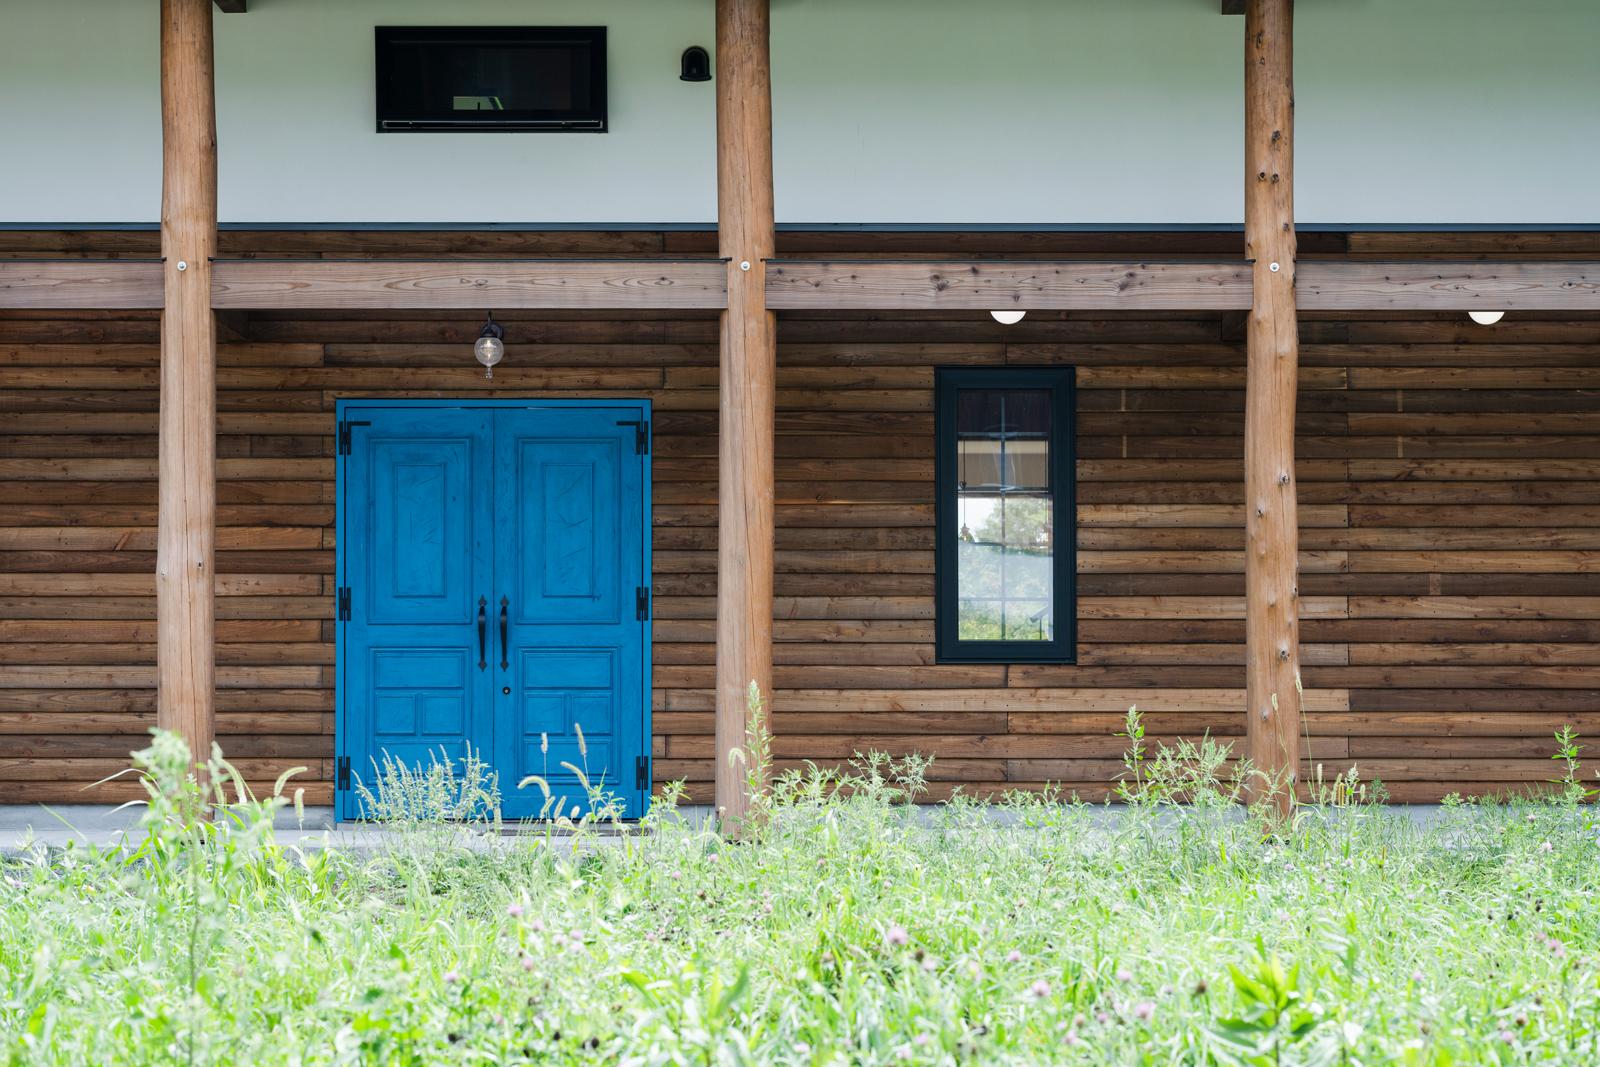 メインの玄関ドアは、砂川の三共建具工業の造作。無垢のタモ材を用いながら、イメージに合うようダメージ加工をSさん自らが施した